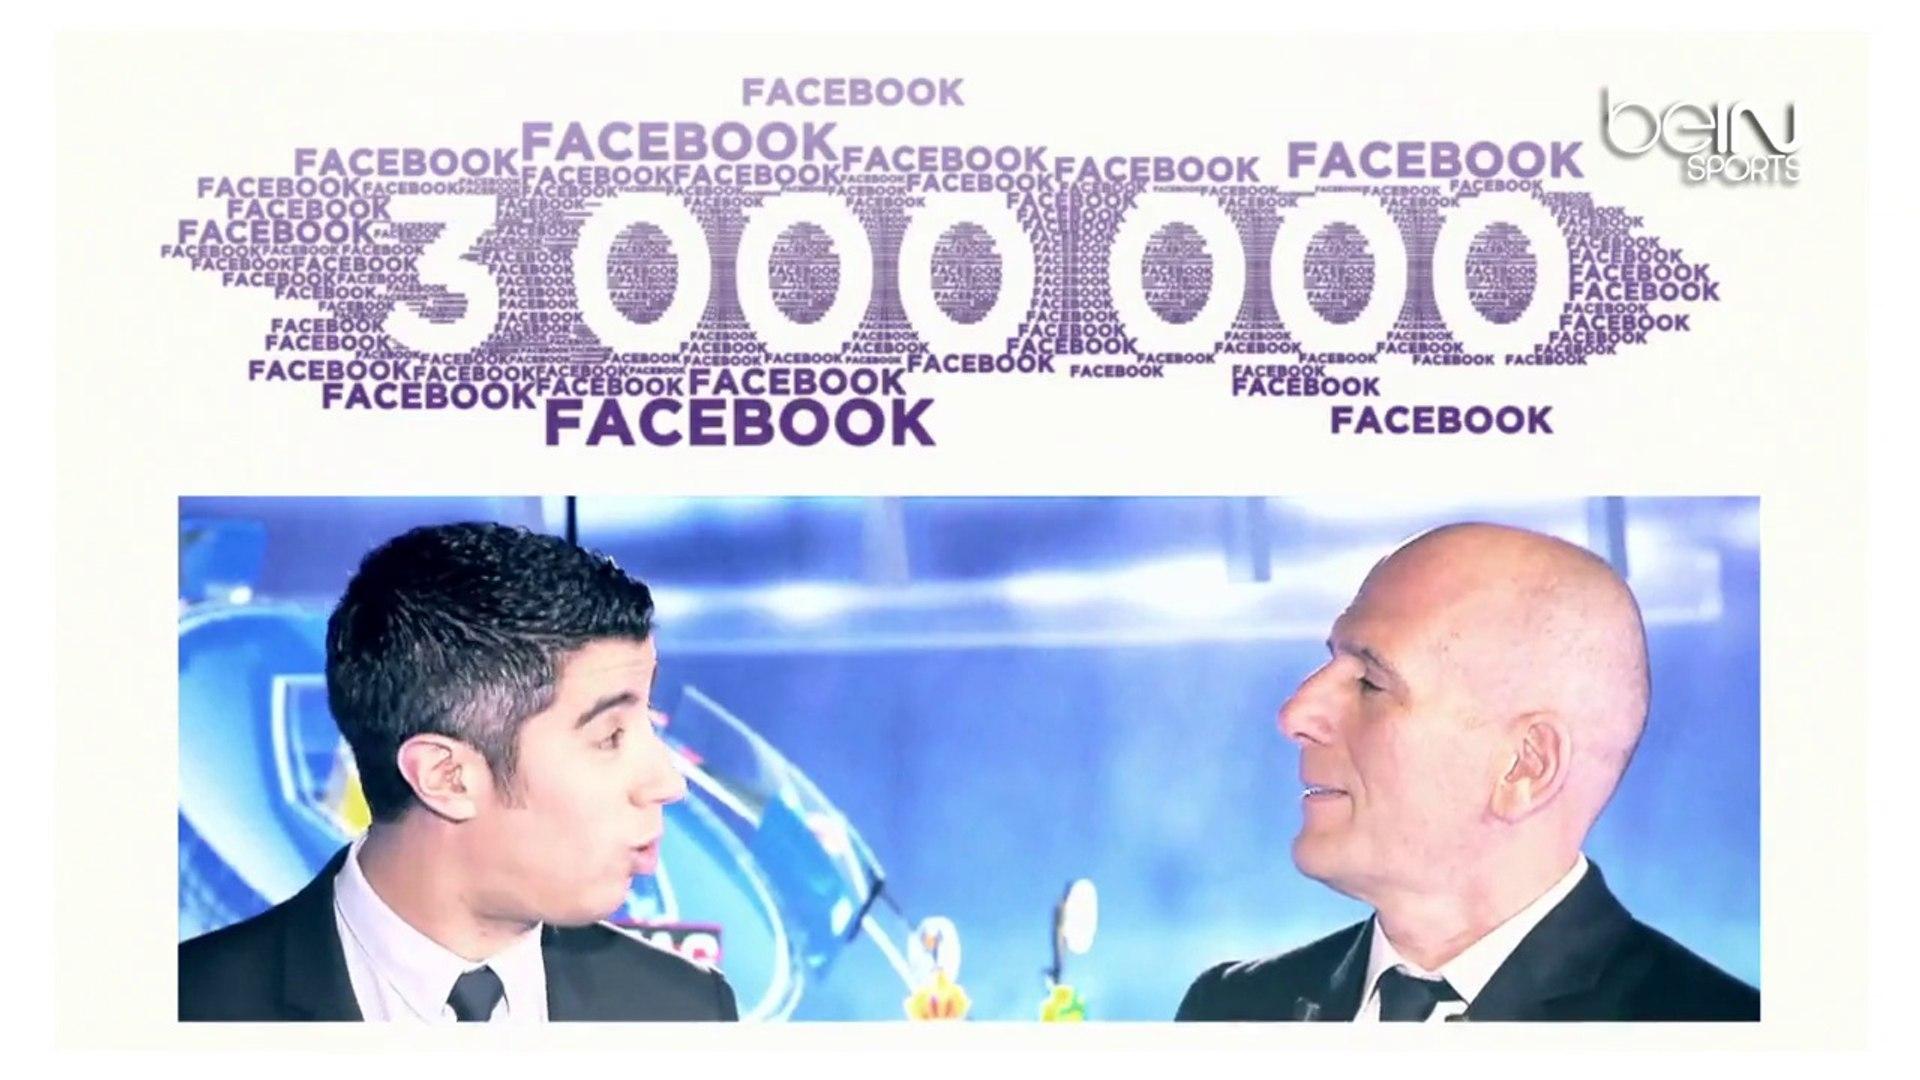 beIN SPORTS célèbre ses 3 000 000 de fans sur Facebook et ses 500 000 followers sur Twitter !